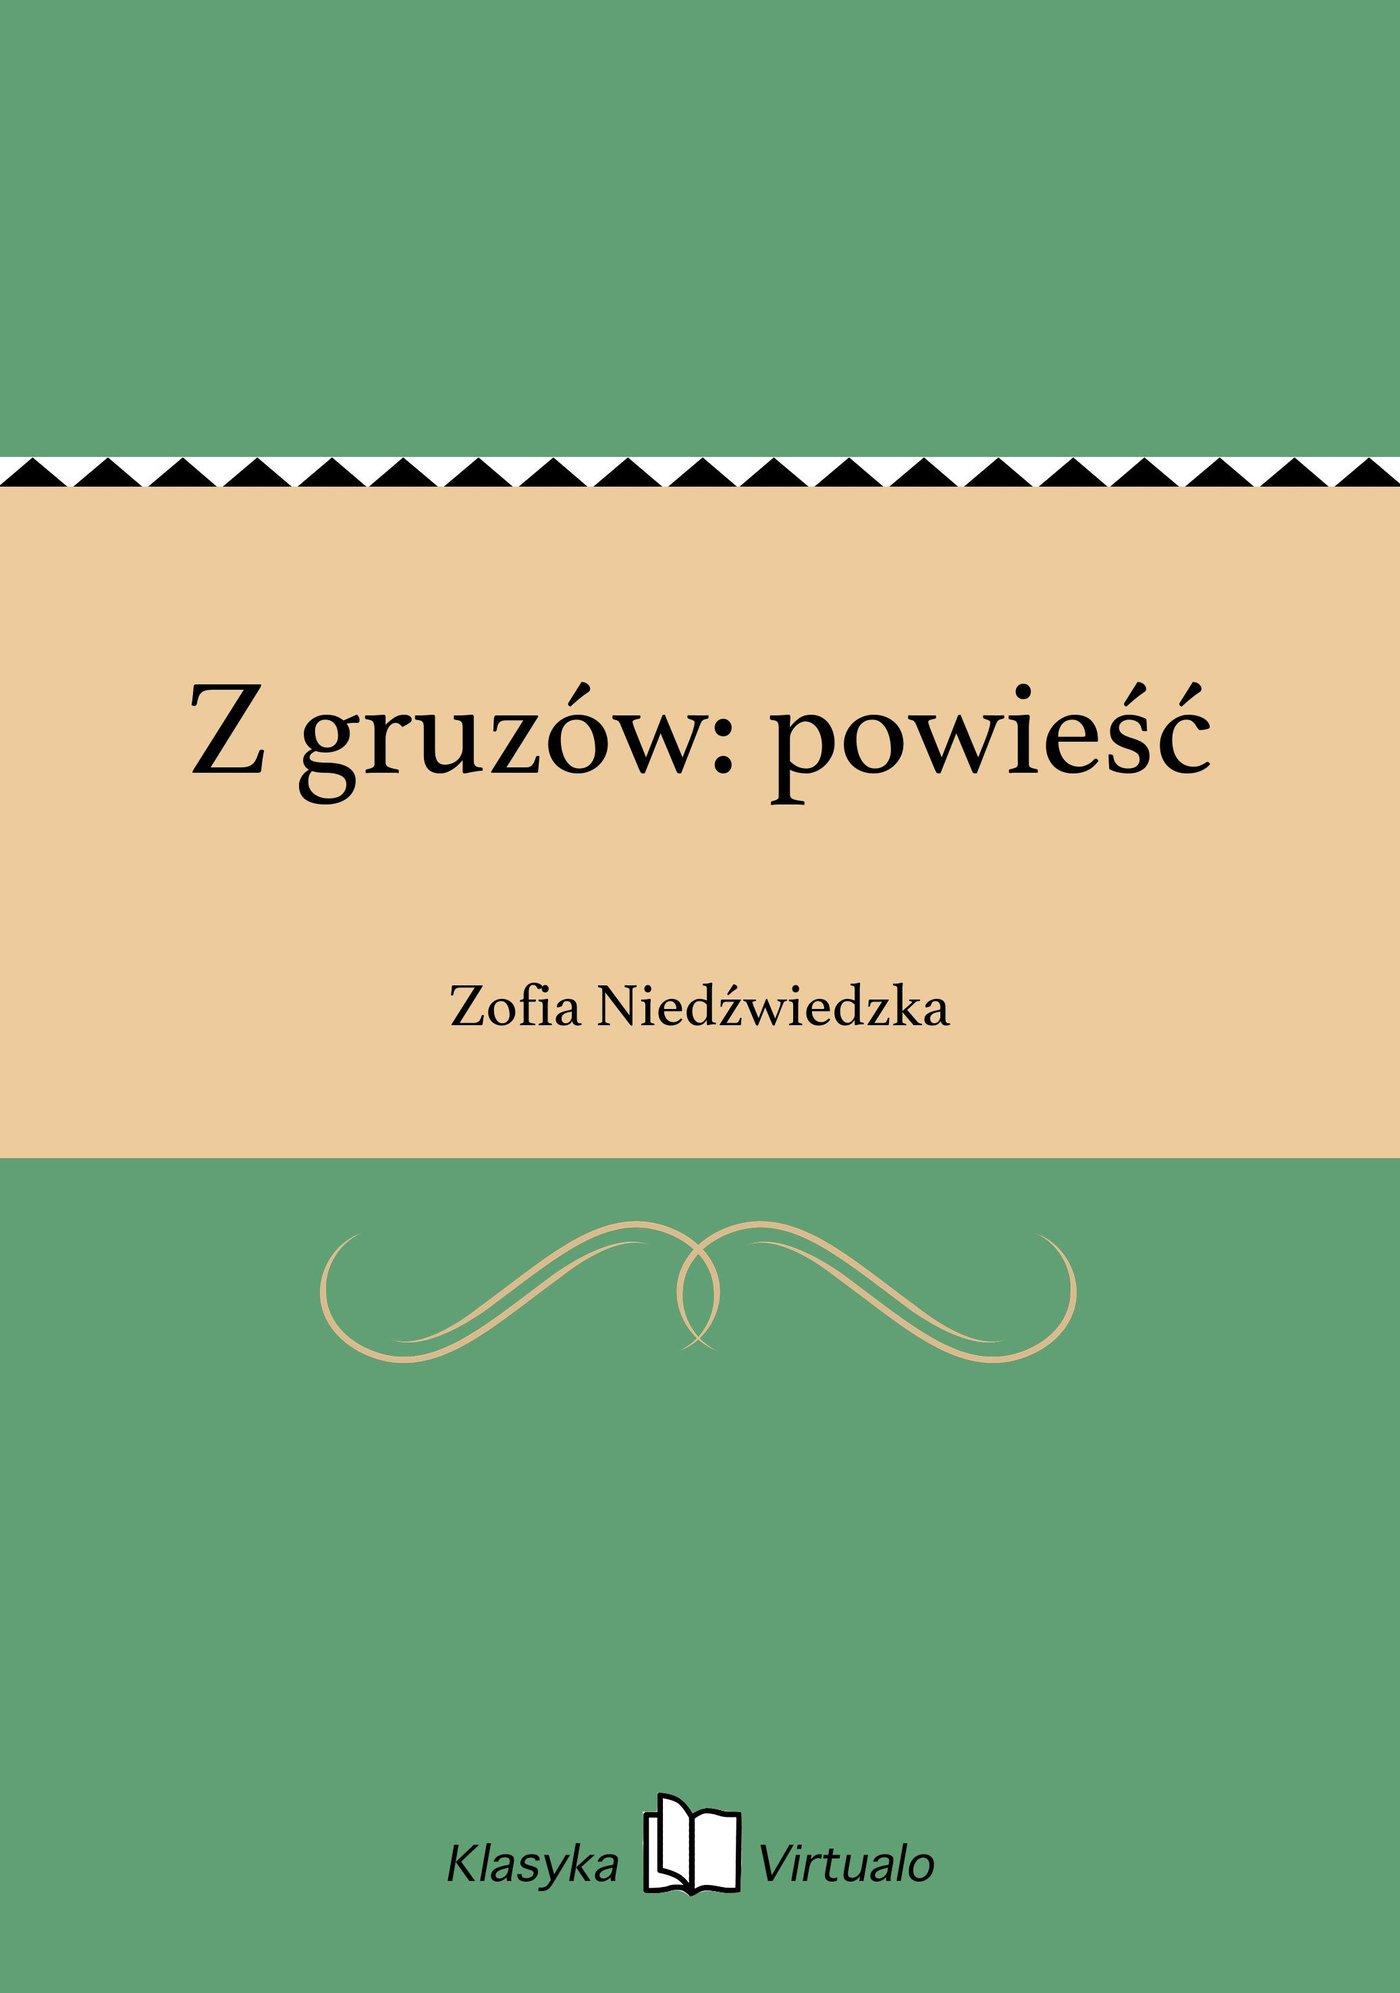 Z gruzów: powieść - Ebook (Książka EPUB) do pobrania w formacie EPUB